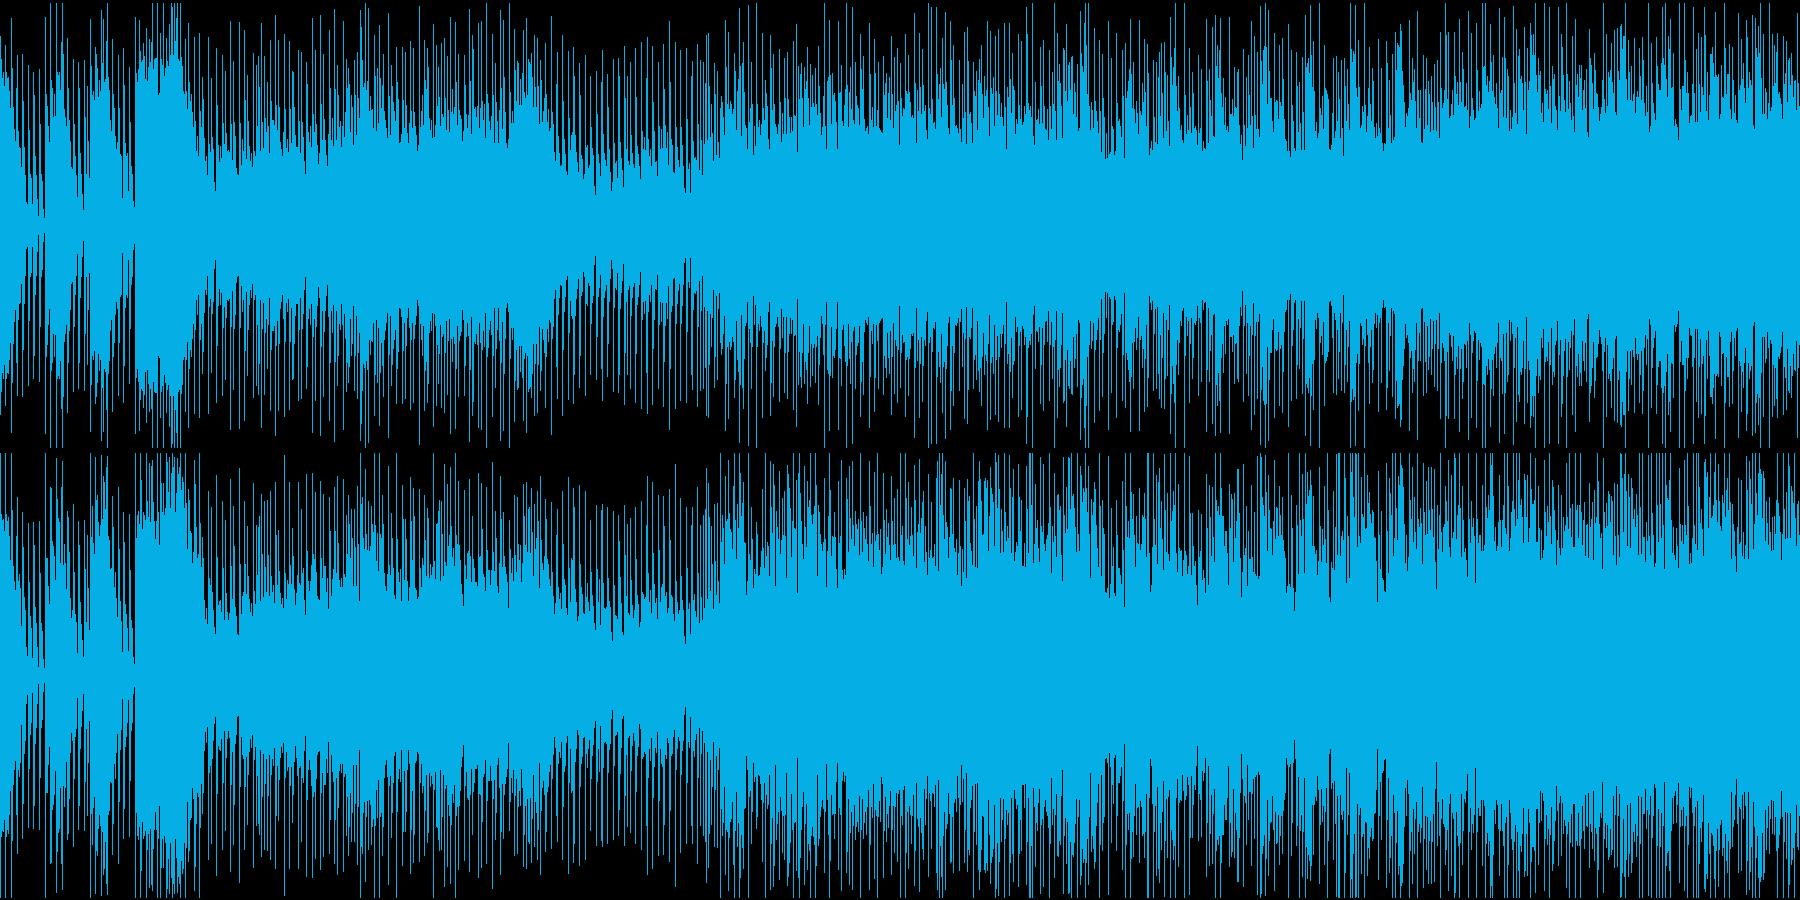 ノージャンル 一般ボステーマの再生済みの波形